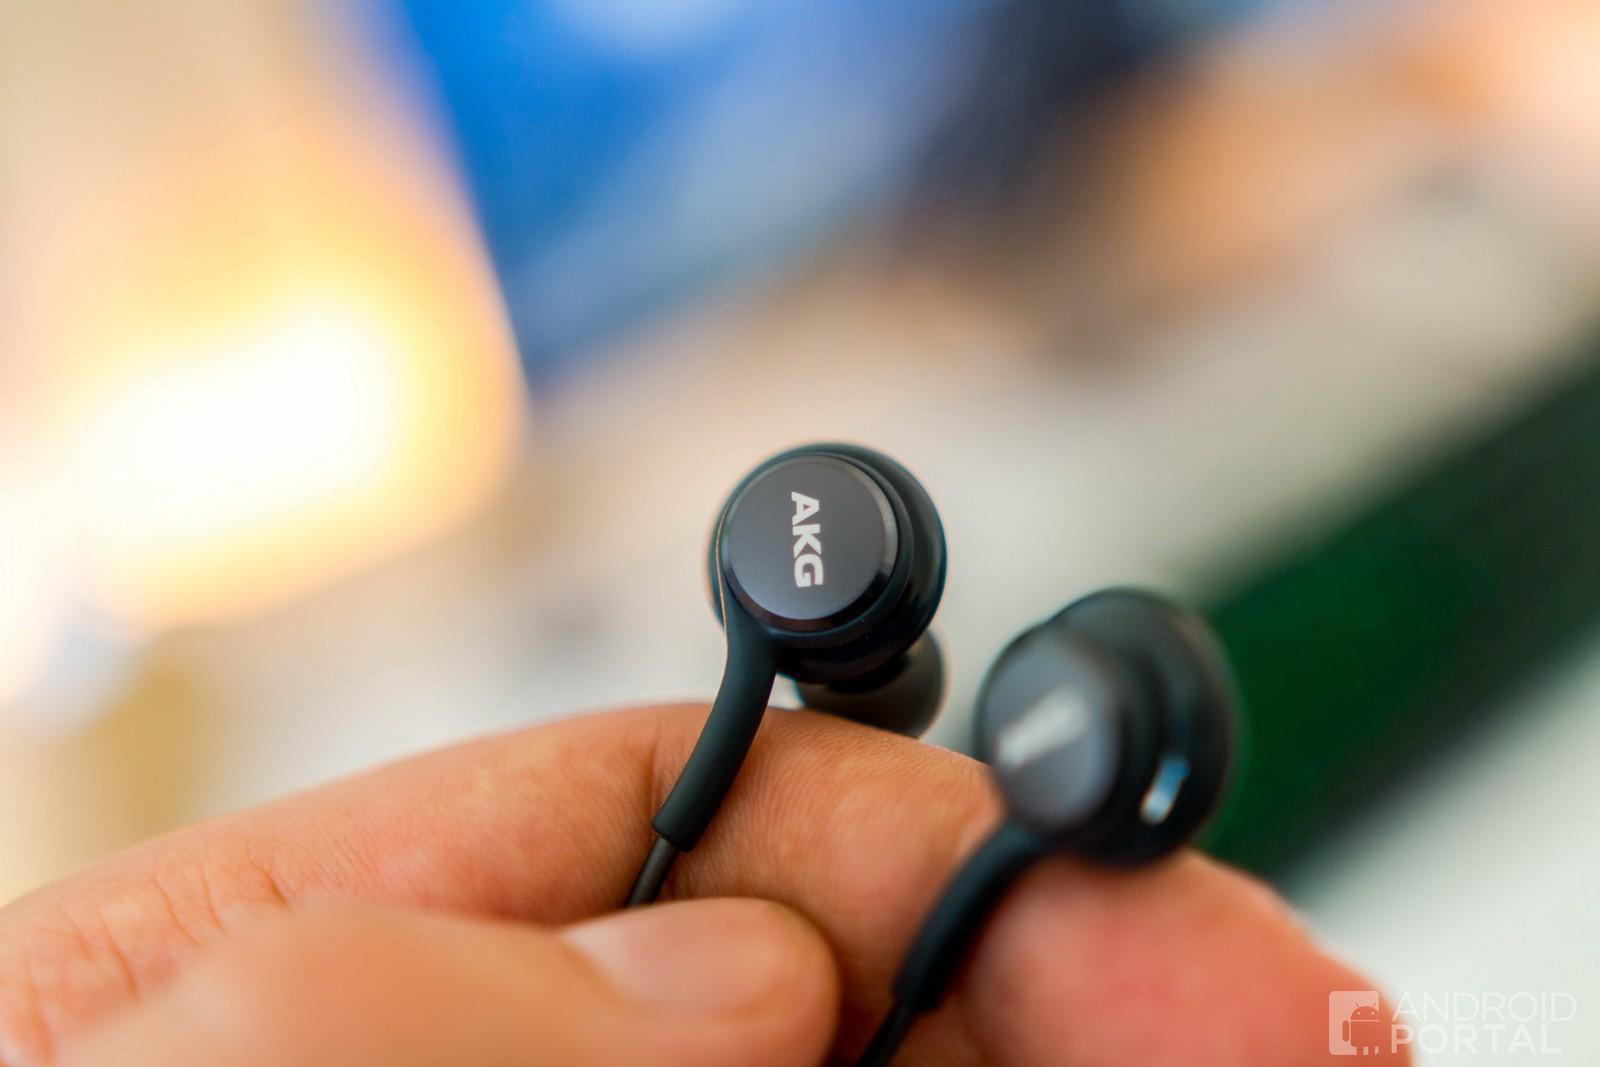 ddf305c72 RECENZIA: AKG slúchadlá, ktoré dostanete ku Galaxy S8/S8+ sú výborné ...